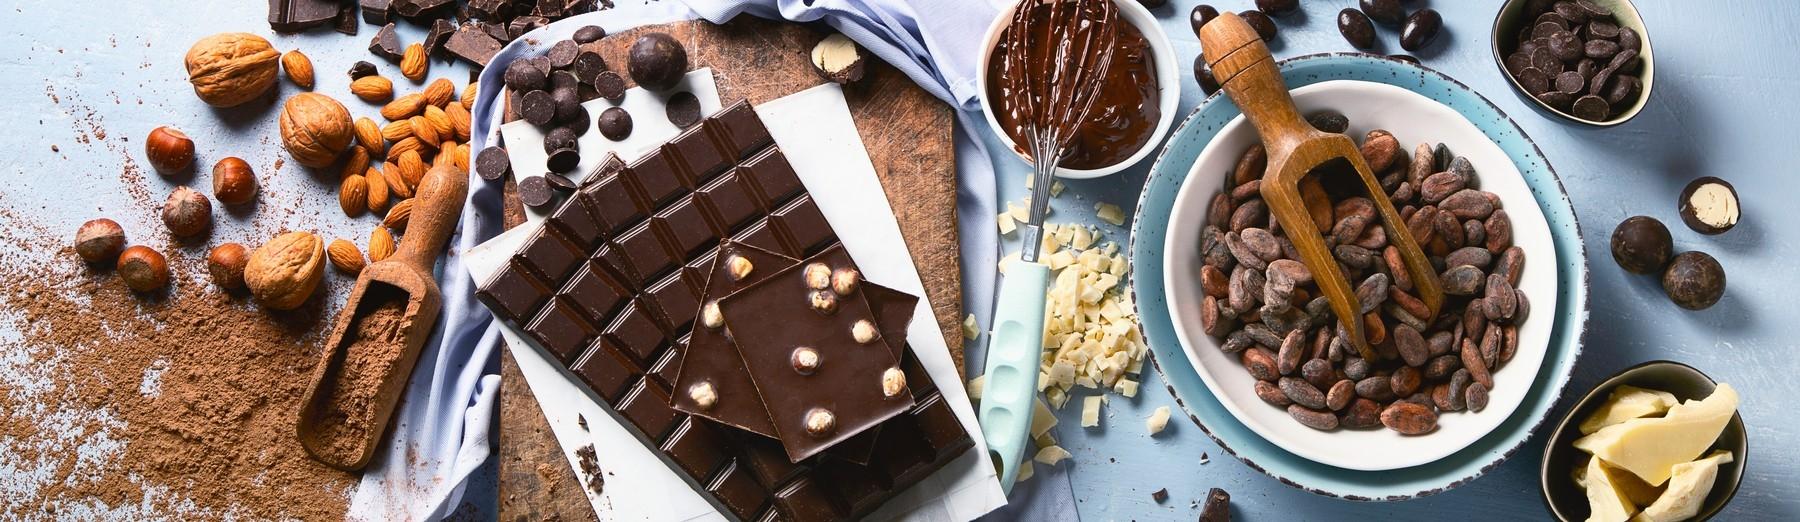 Konzumace čokolády, zejména pak hořké, pomáhá předcházet depresím. Foto Profimedia